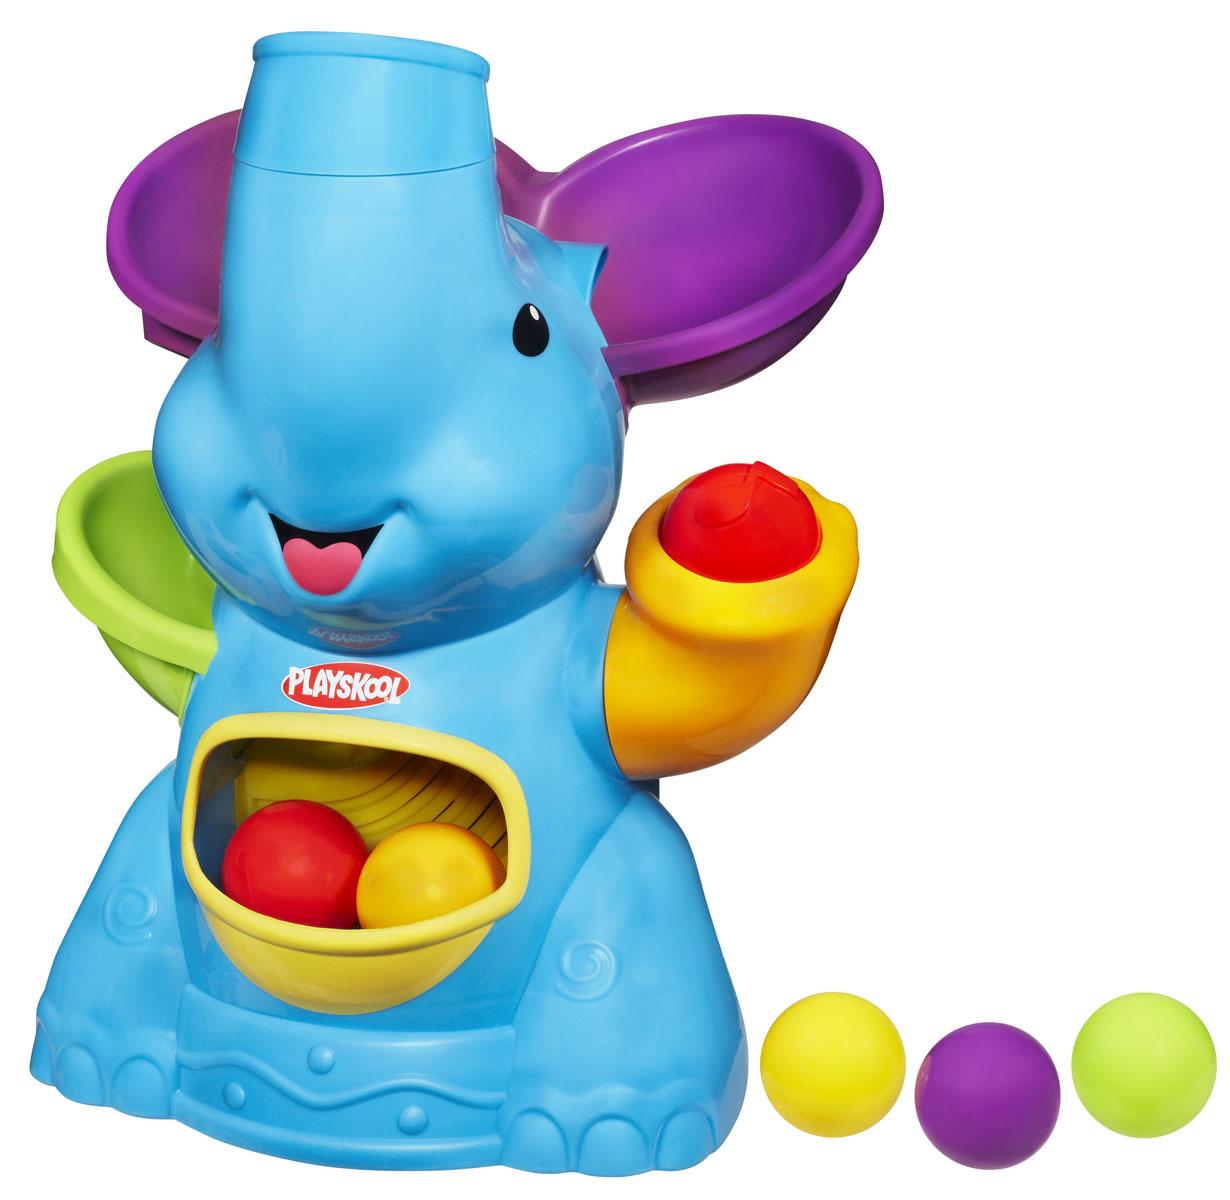 Playskool Игровой набор «Слон», цвет: голубой